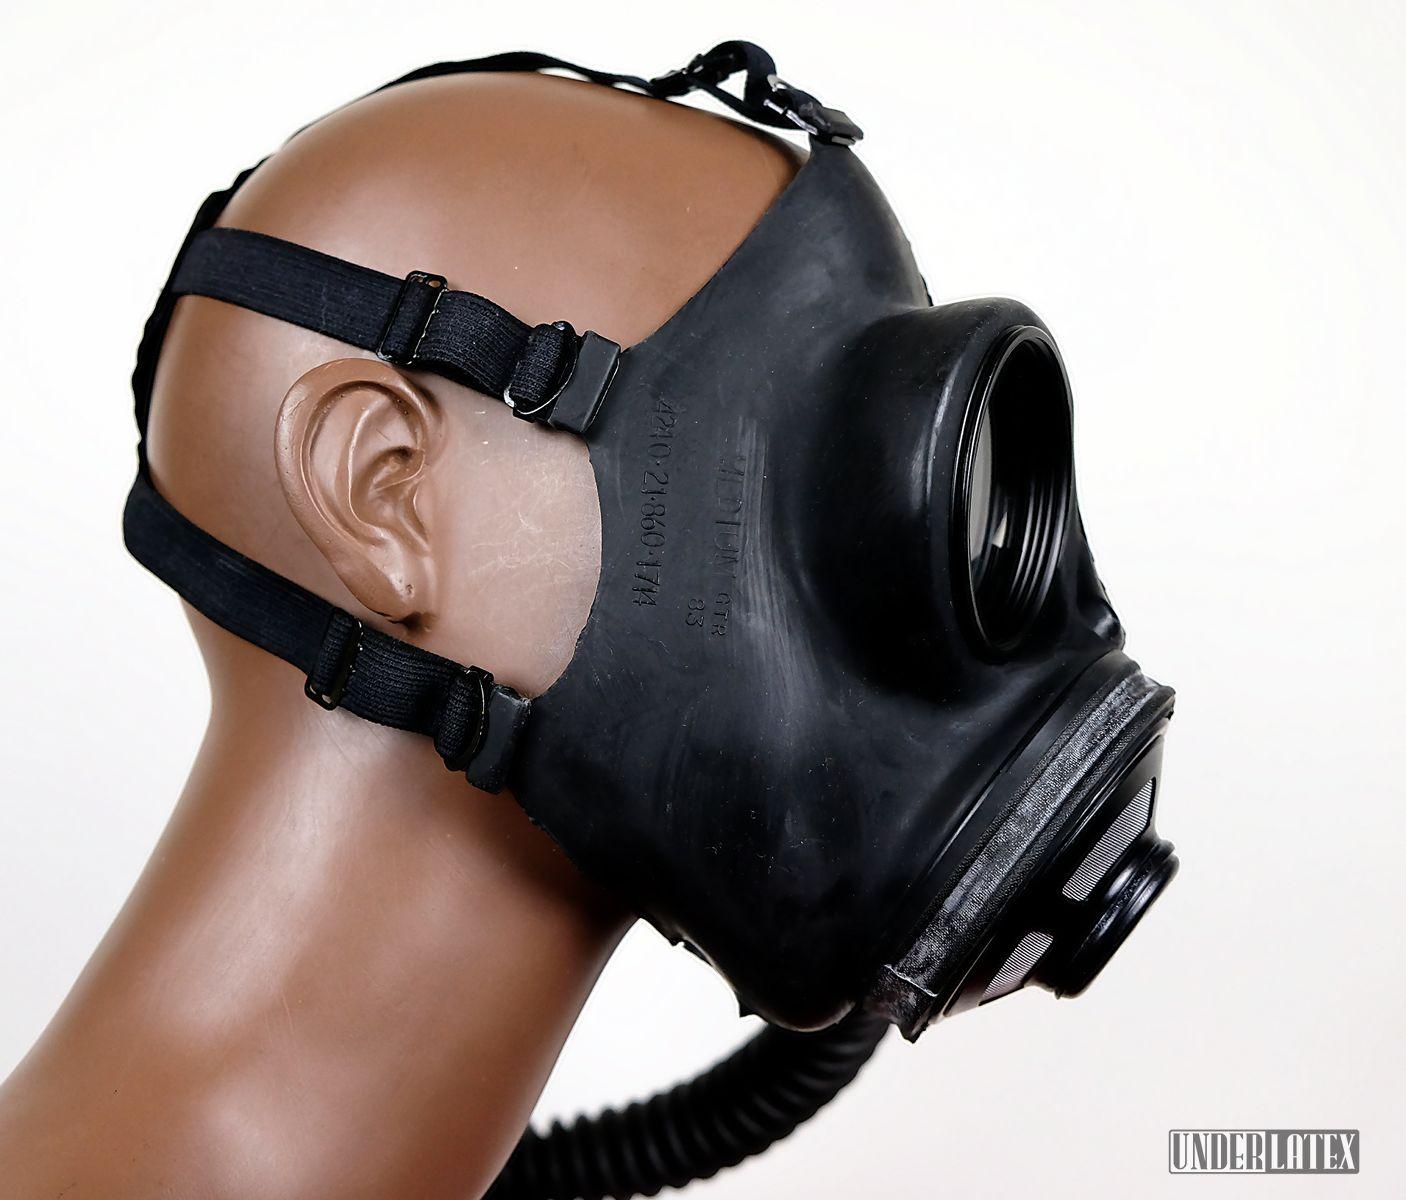 Kanadische Gasmaske C3 in schwarz mit Faltenschlauch aus schwarzem Latex im Profil von rechts betrachtet